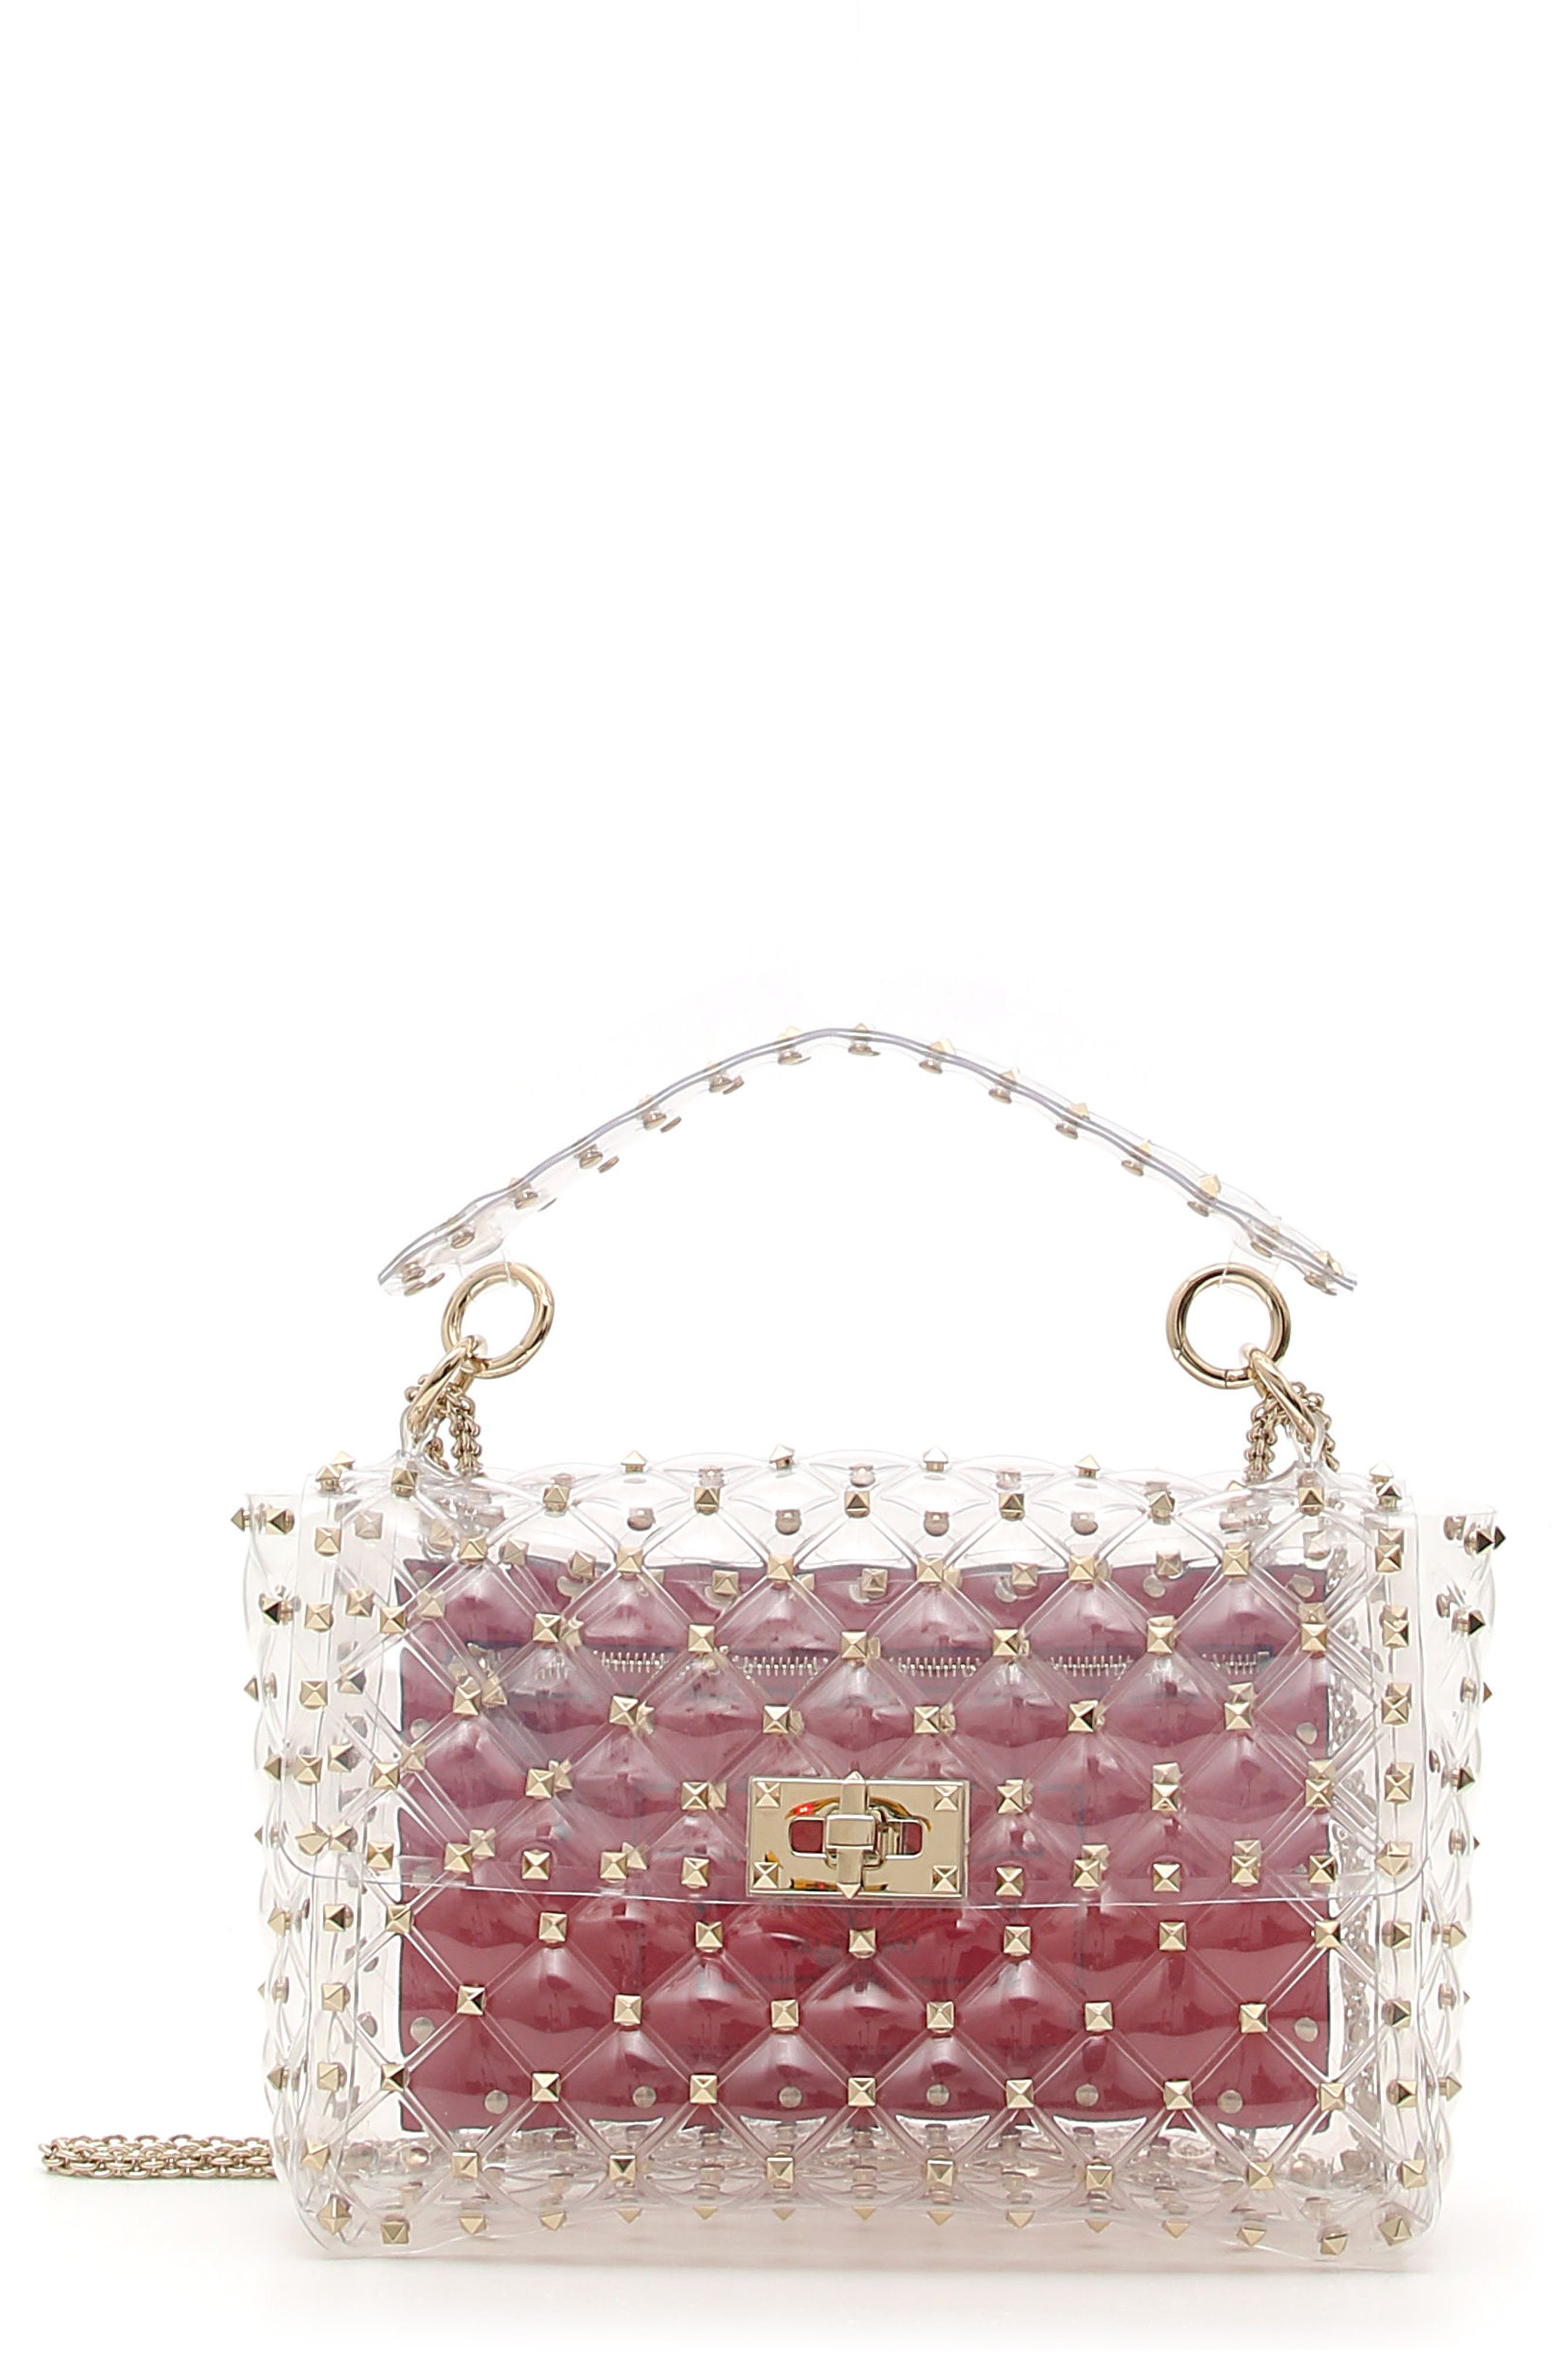 VALENTINO GARAVANI Rockstud Transparent Shoulder Bag